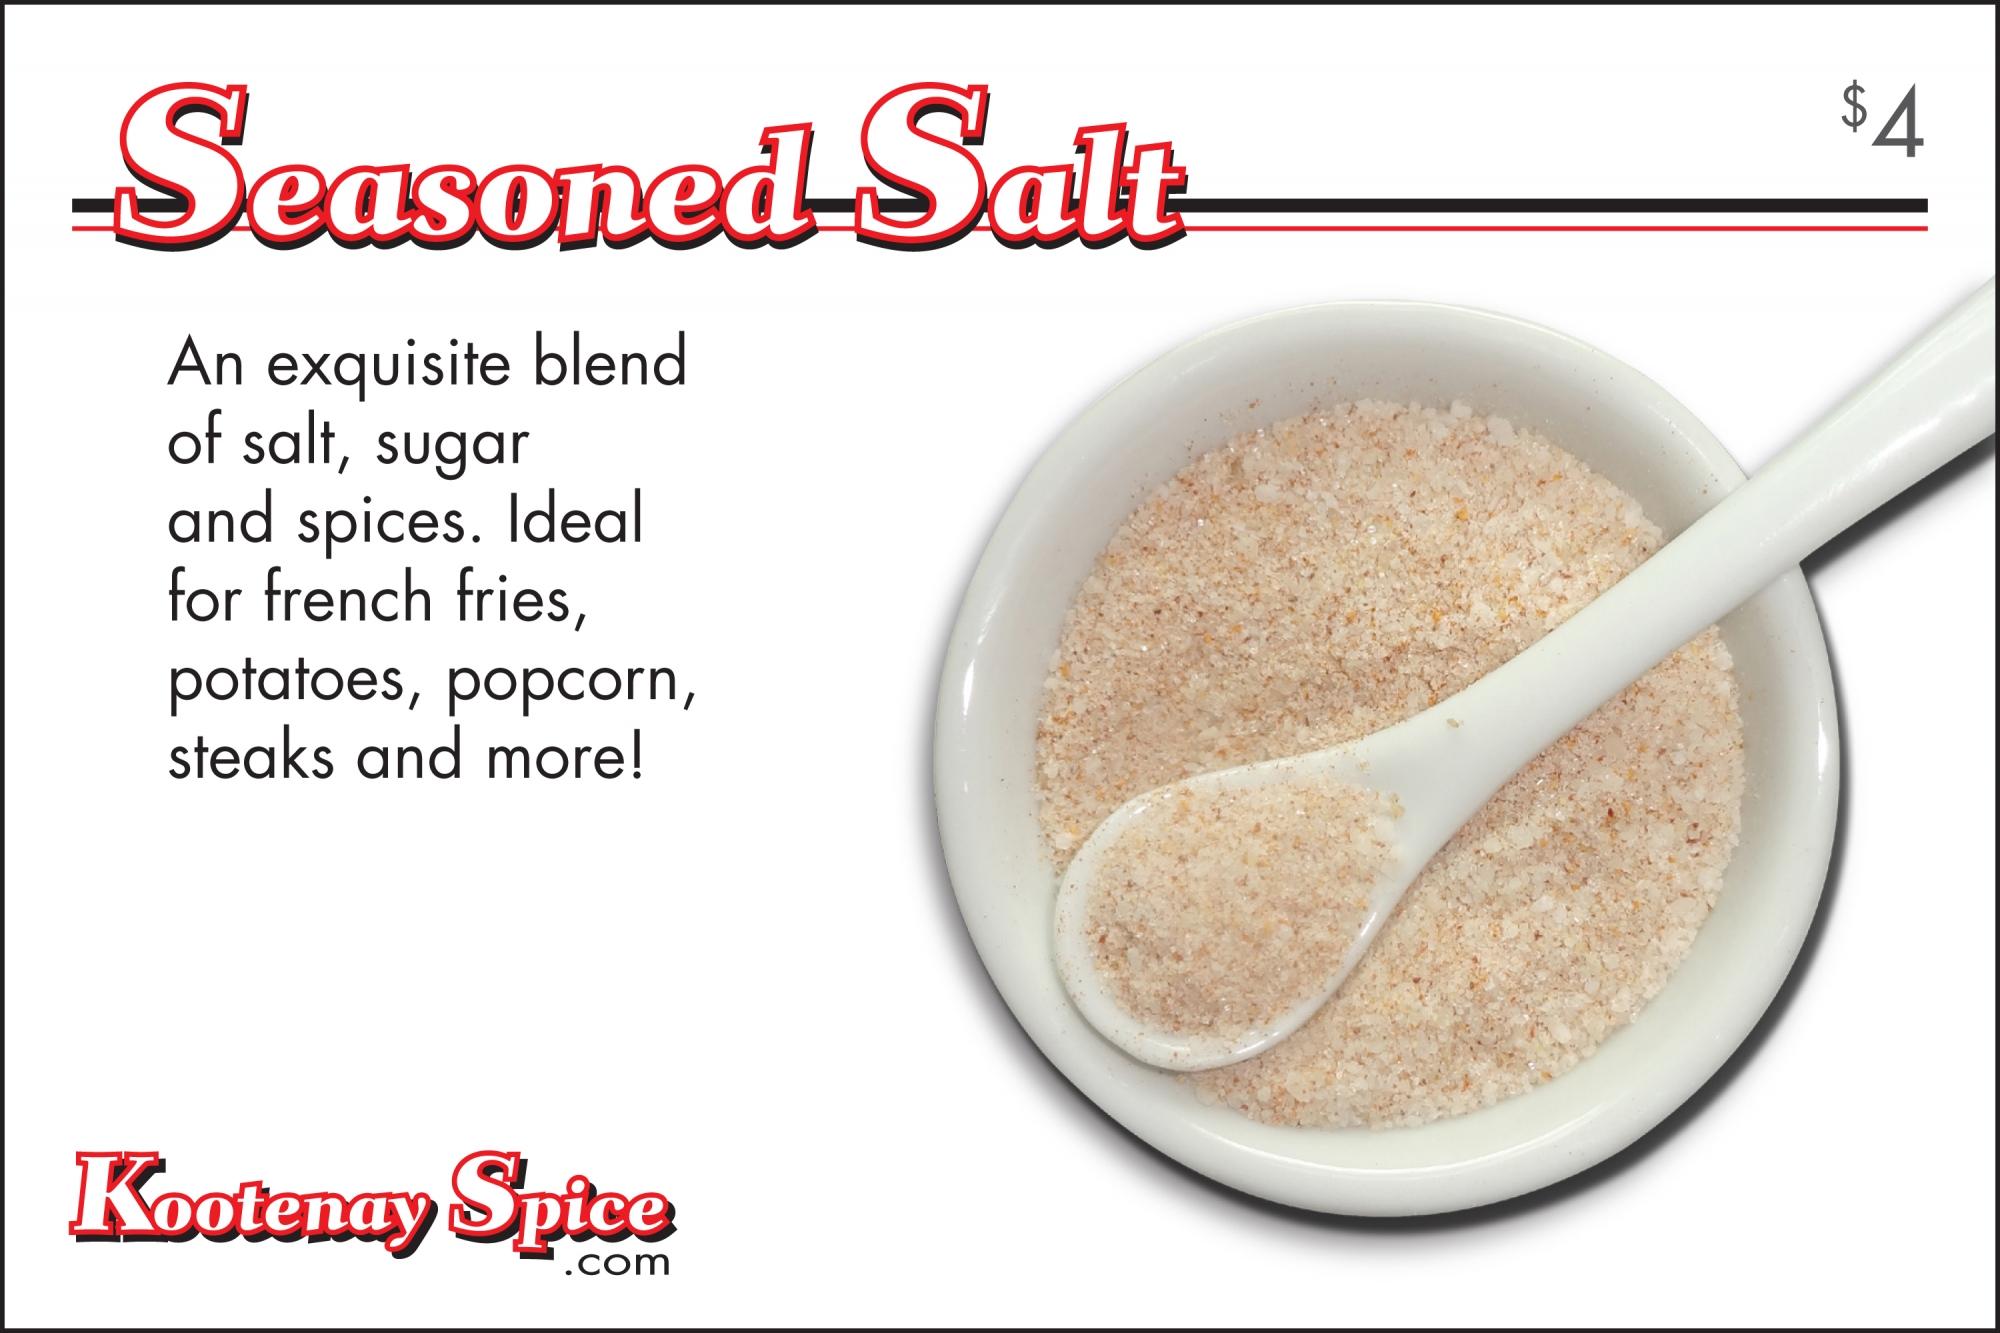 Kootenay Spice Seasoned Salt